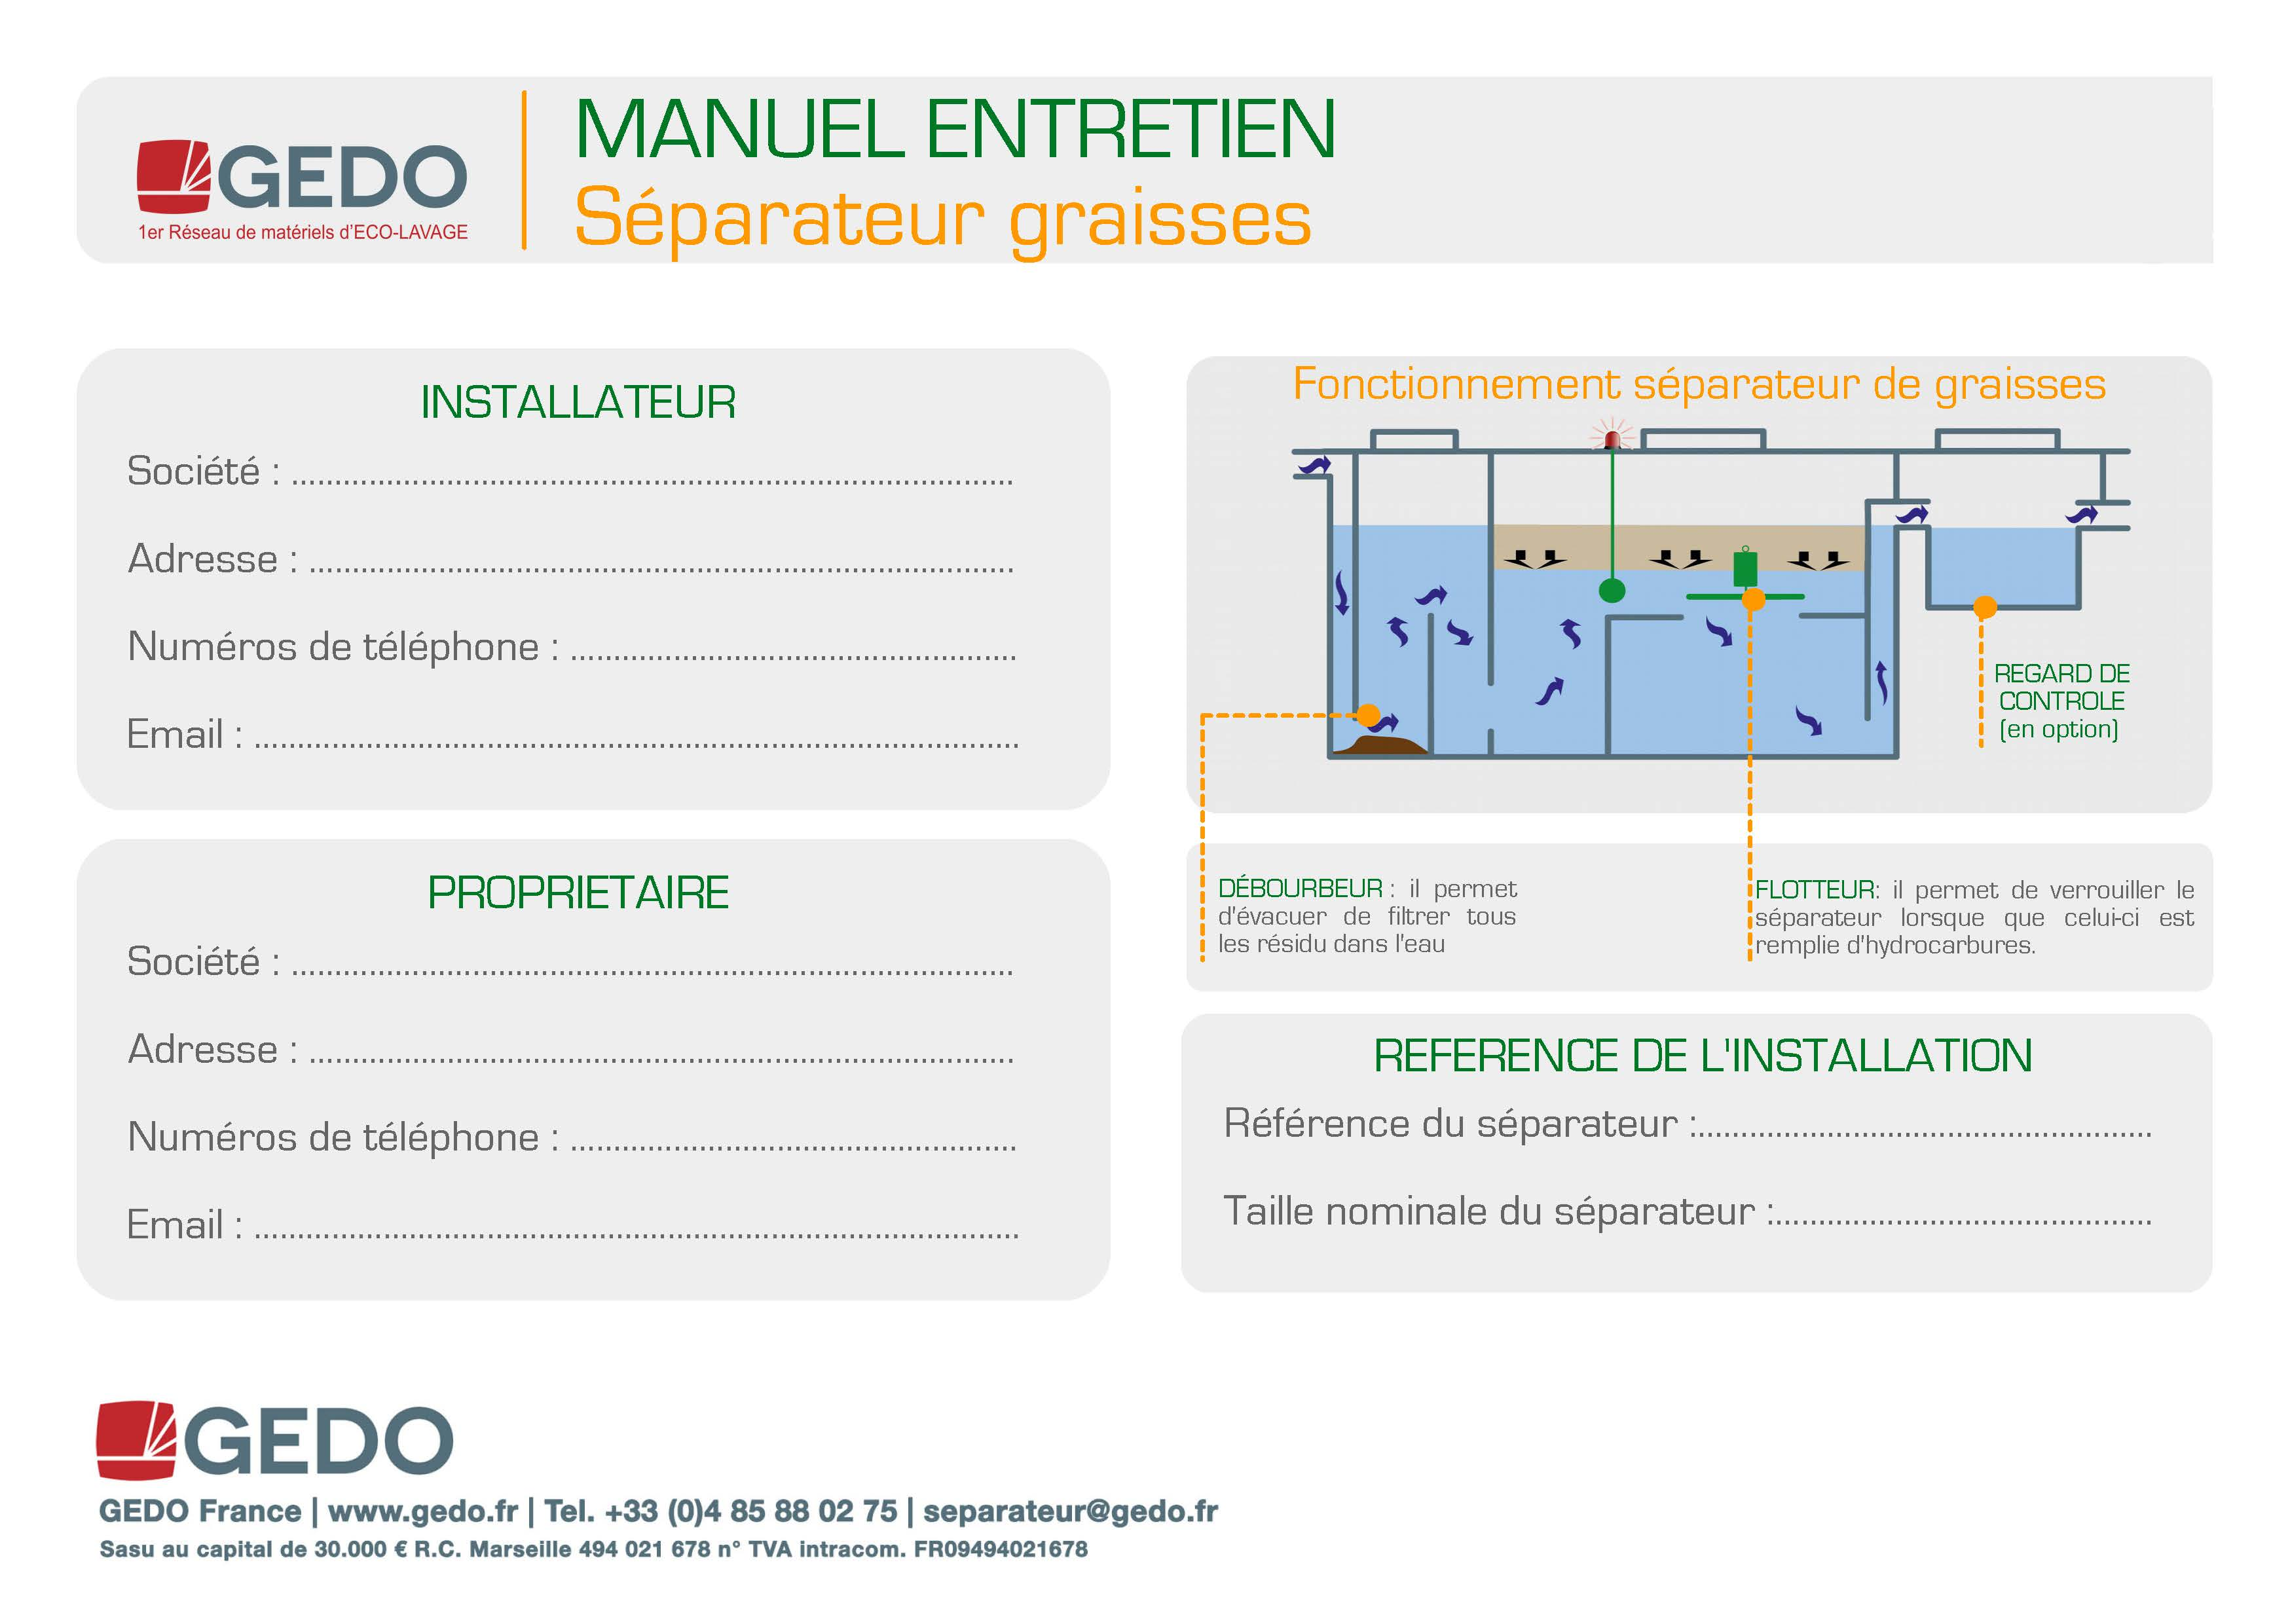 Gedo-carnet-entretien-sc3a9parateur-graisses-img_Page_1